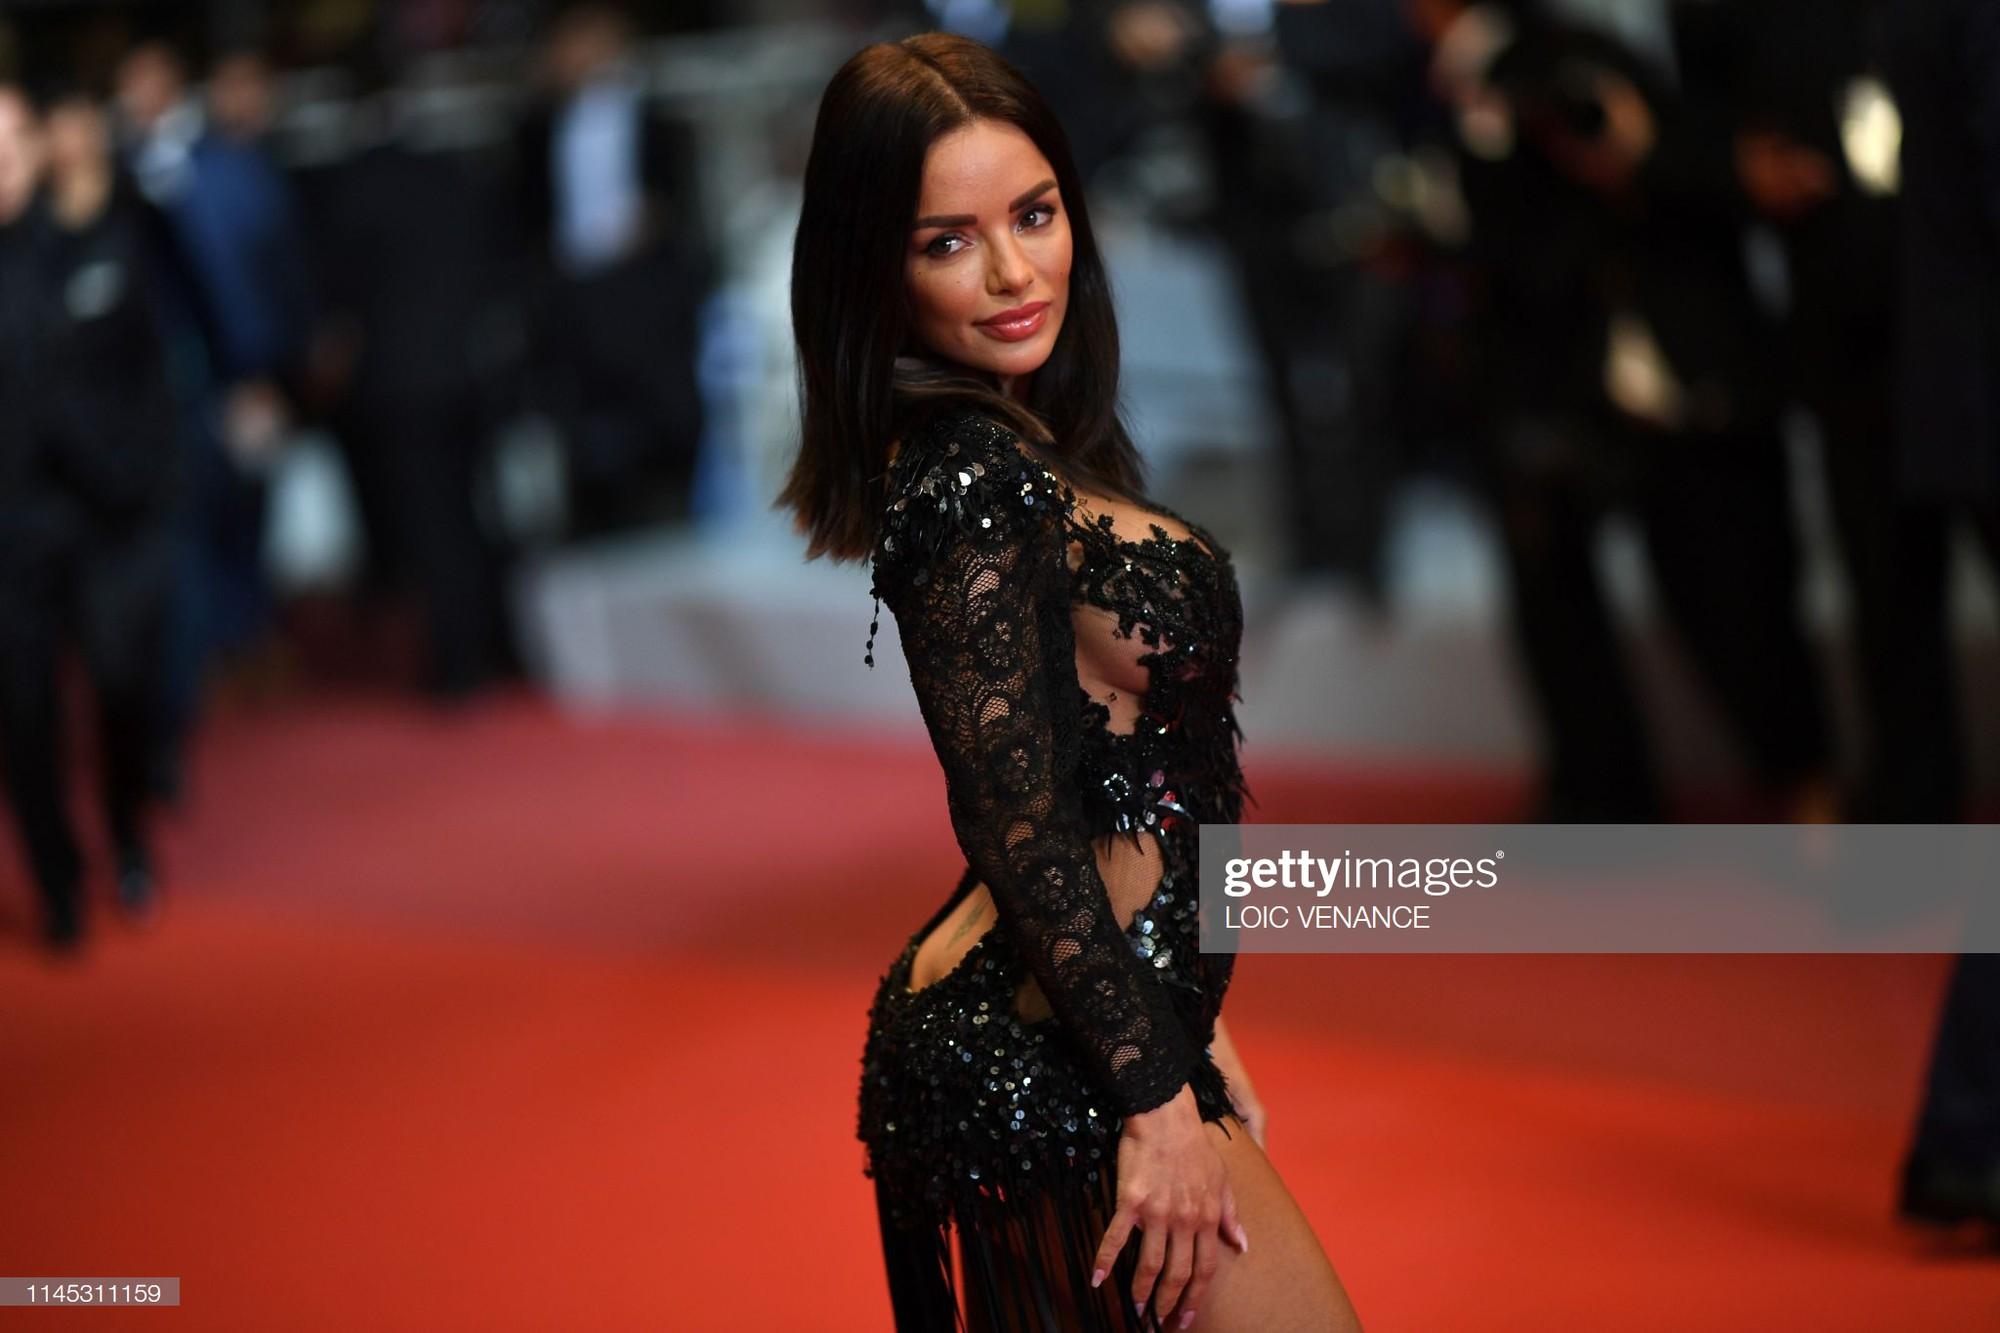 Xuất hiện người đẹp vô danh ăn mặc giống Ngọc Trinh tại Cannes nhưng liệu có đọ được về độ táo bạo, khoe da thịt? - Ảnh 1.